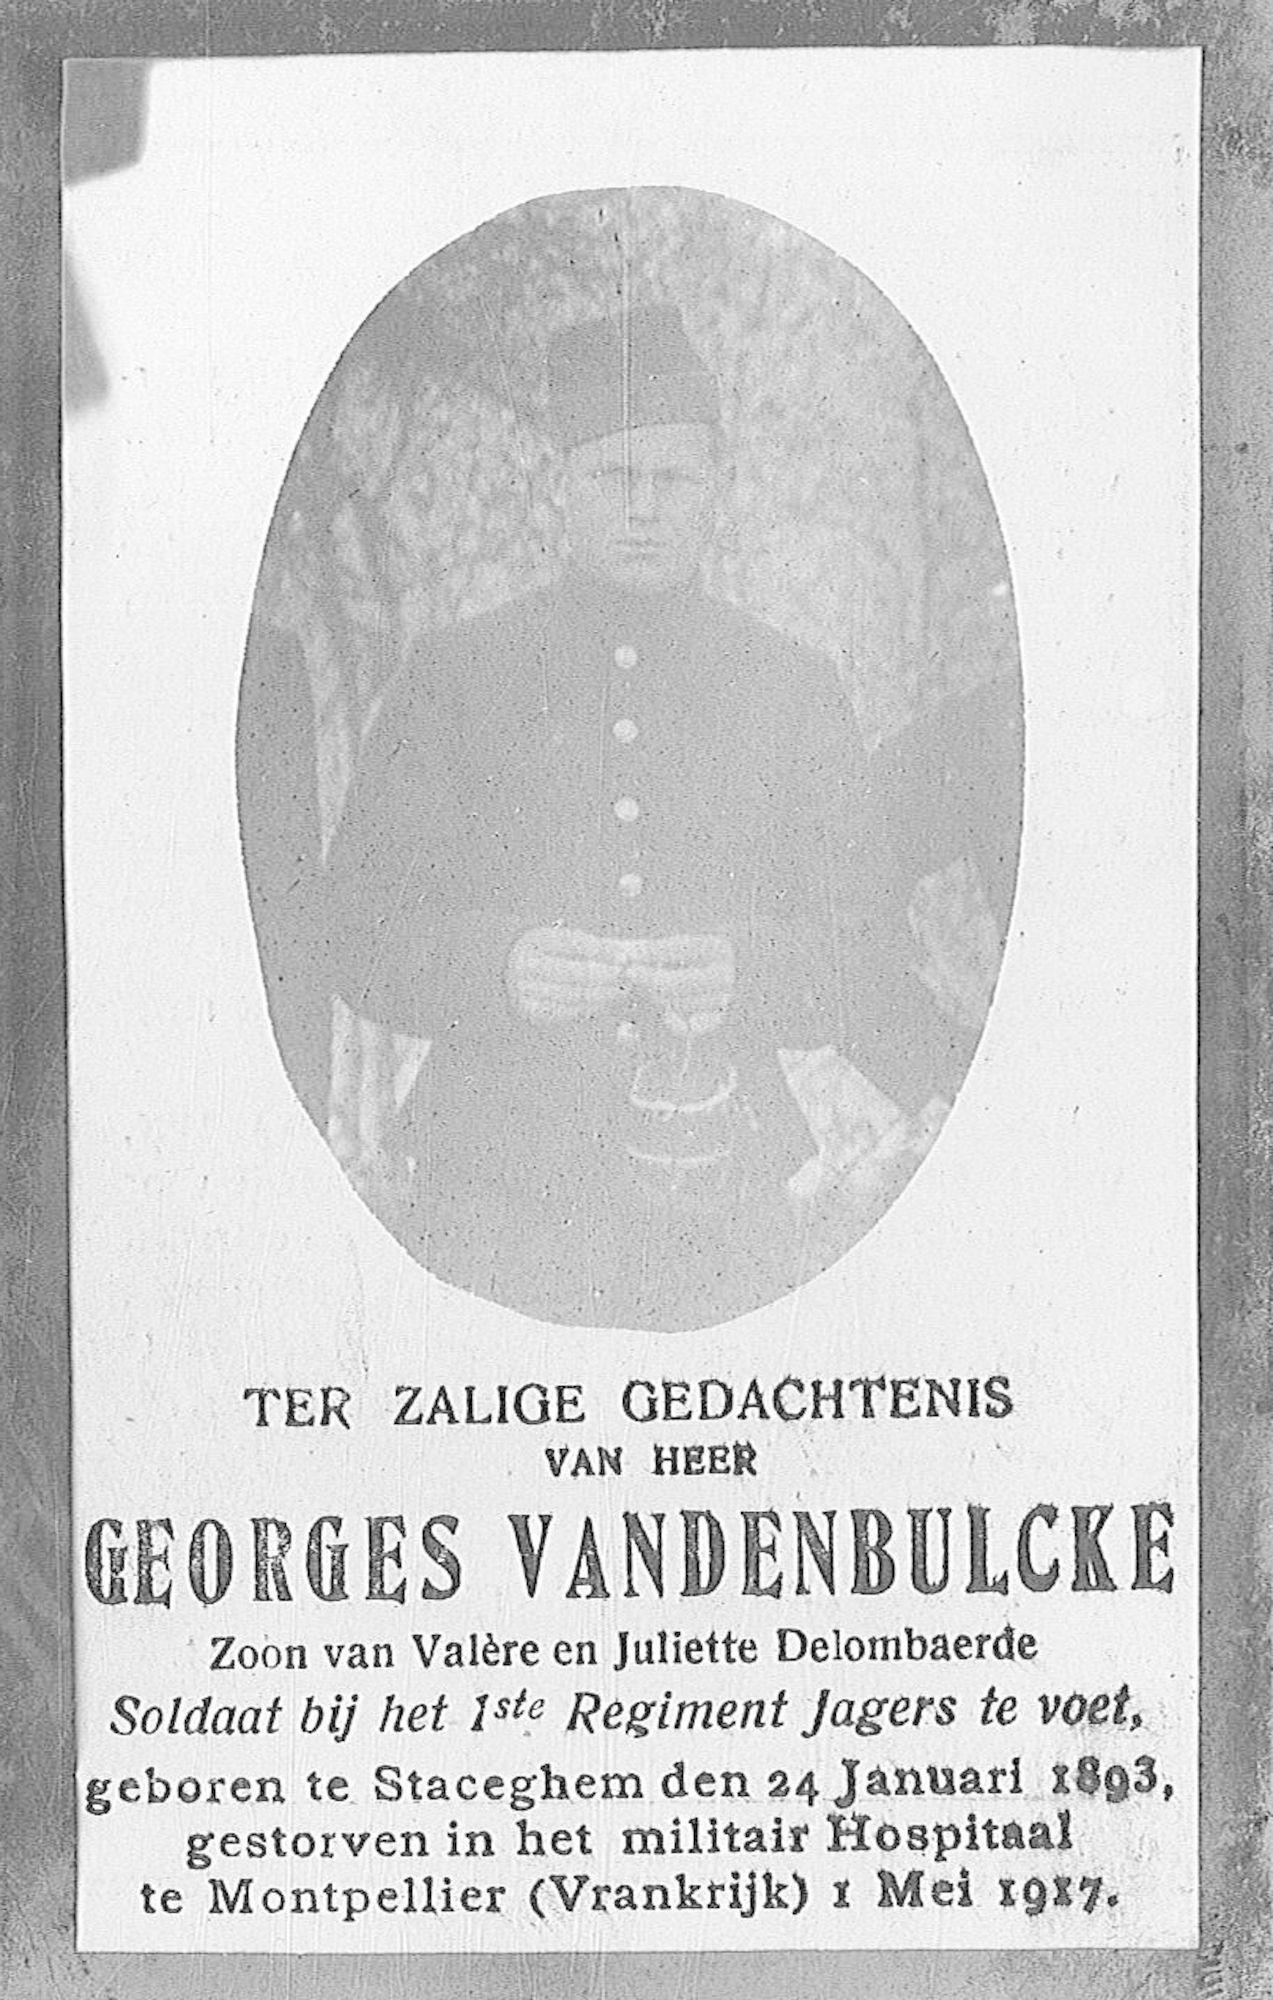 Vandenbulcke Georges